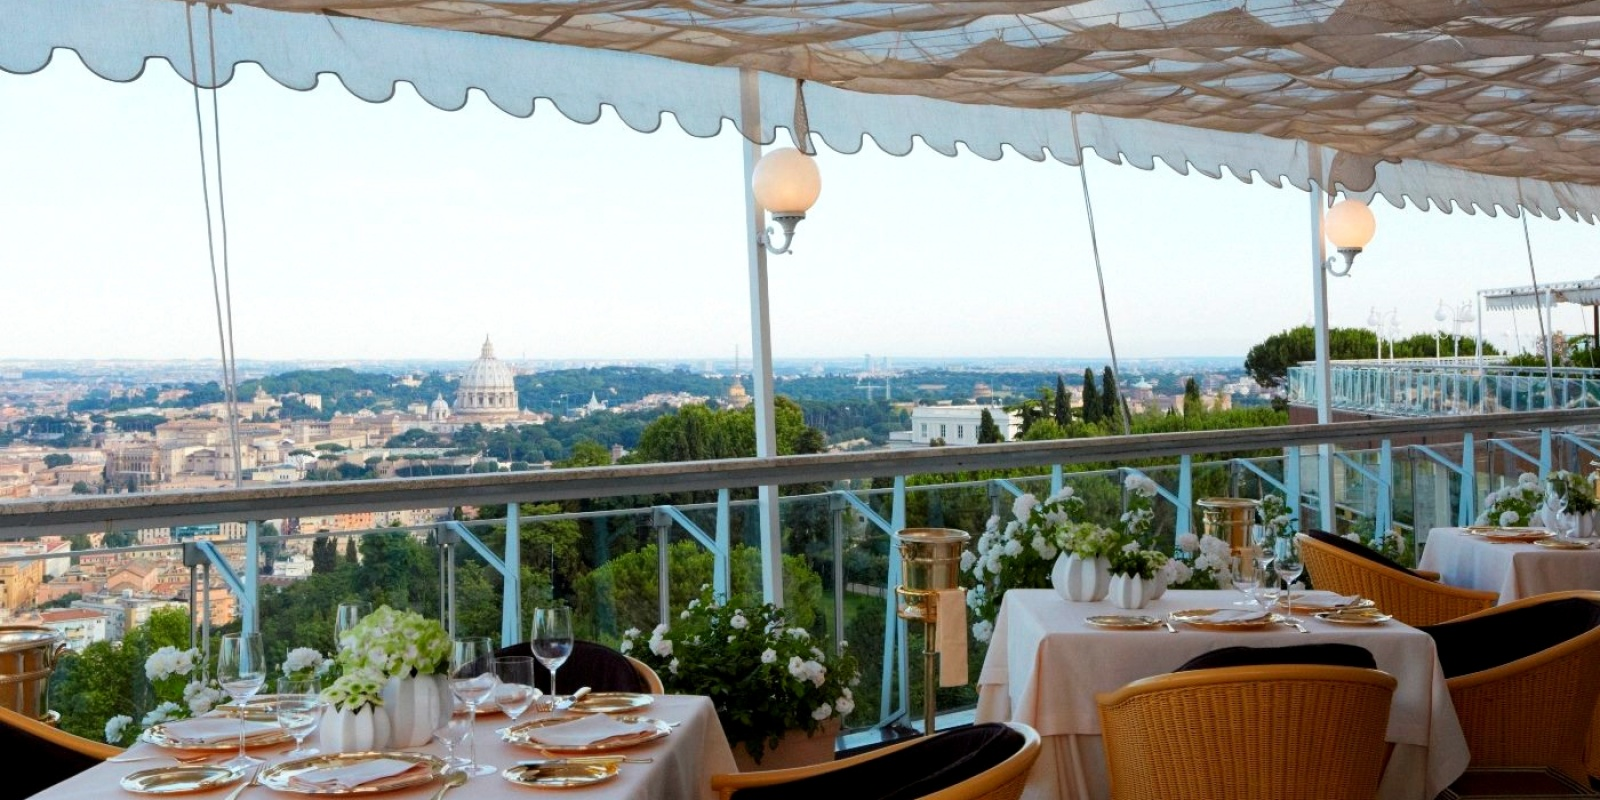 ristoranti con terrazza più belli di Roma